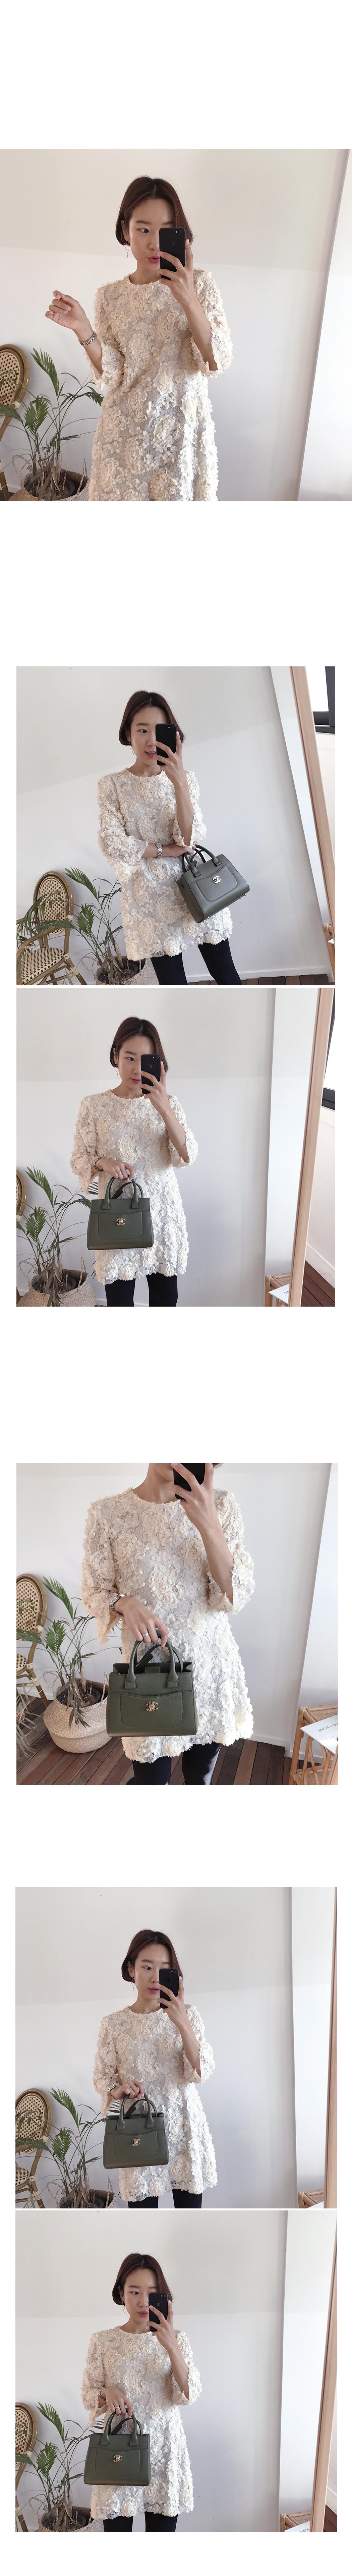 Dolce-lace dress